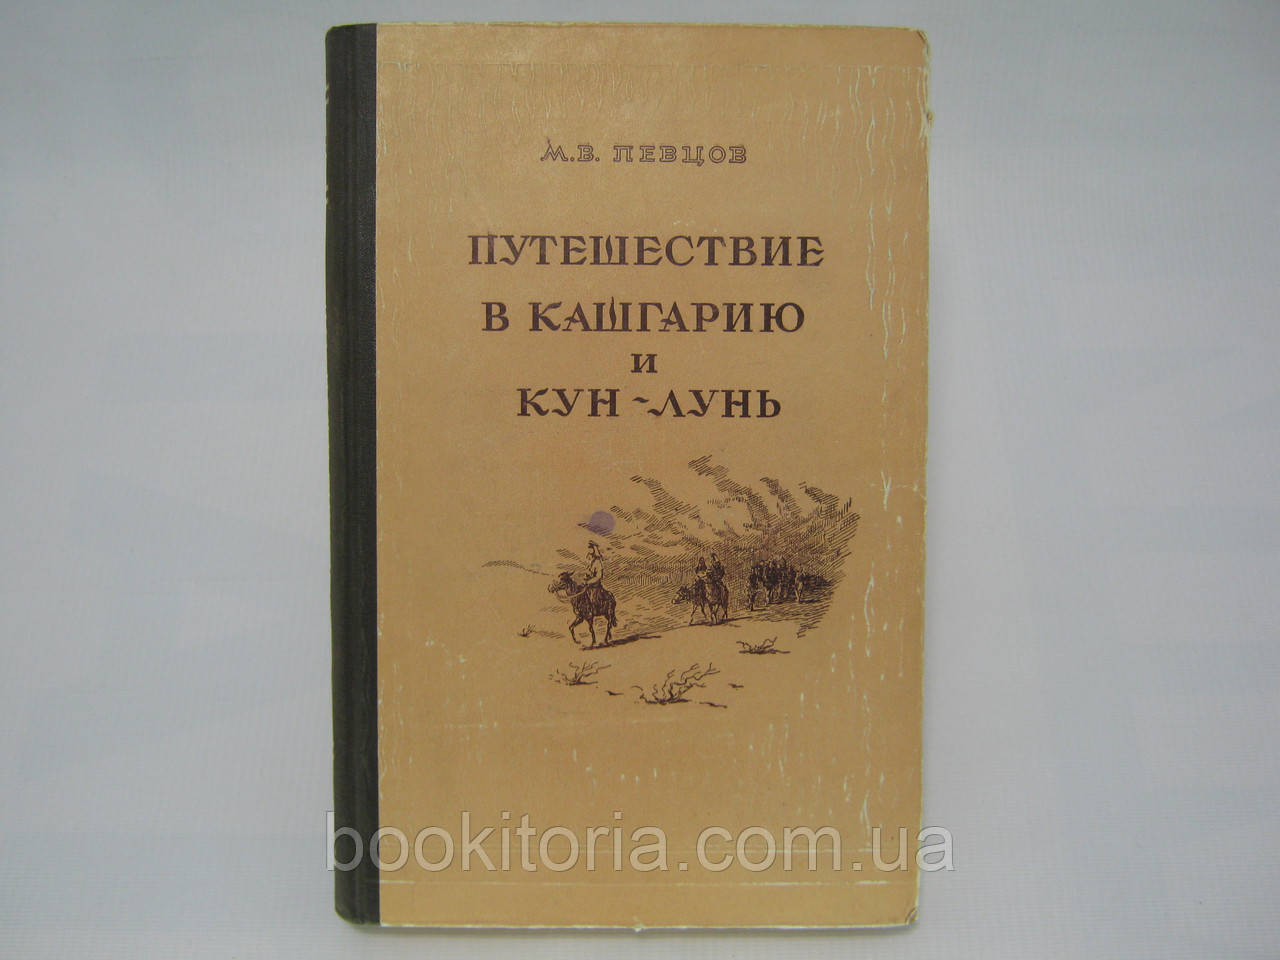 Певцов М.В. Путешествие в Кашгарию и Кун-Лунь (б/у).